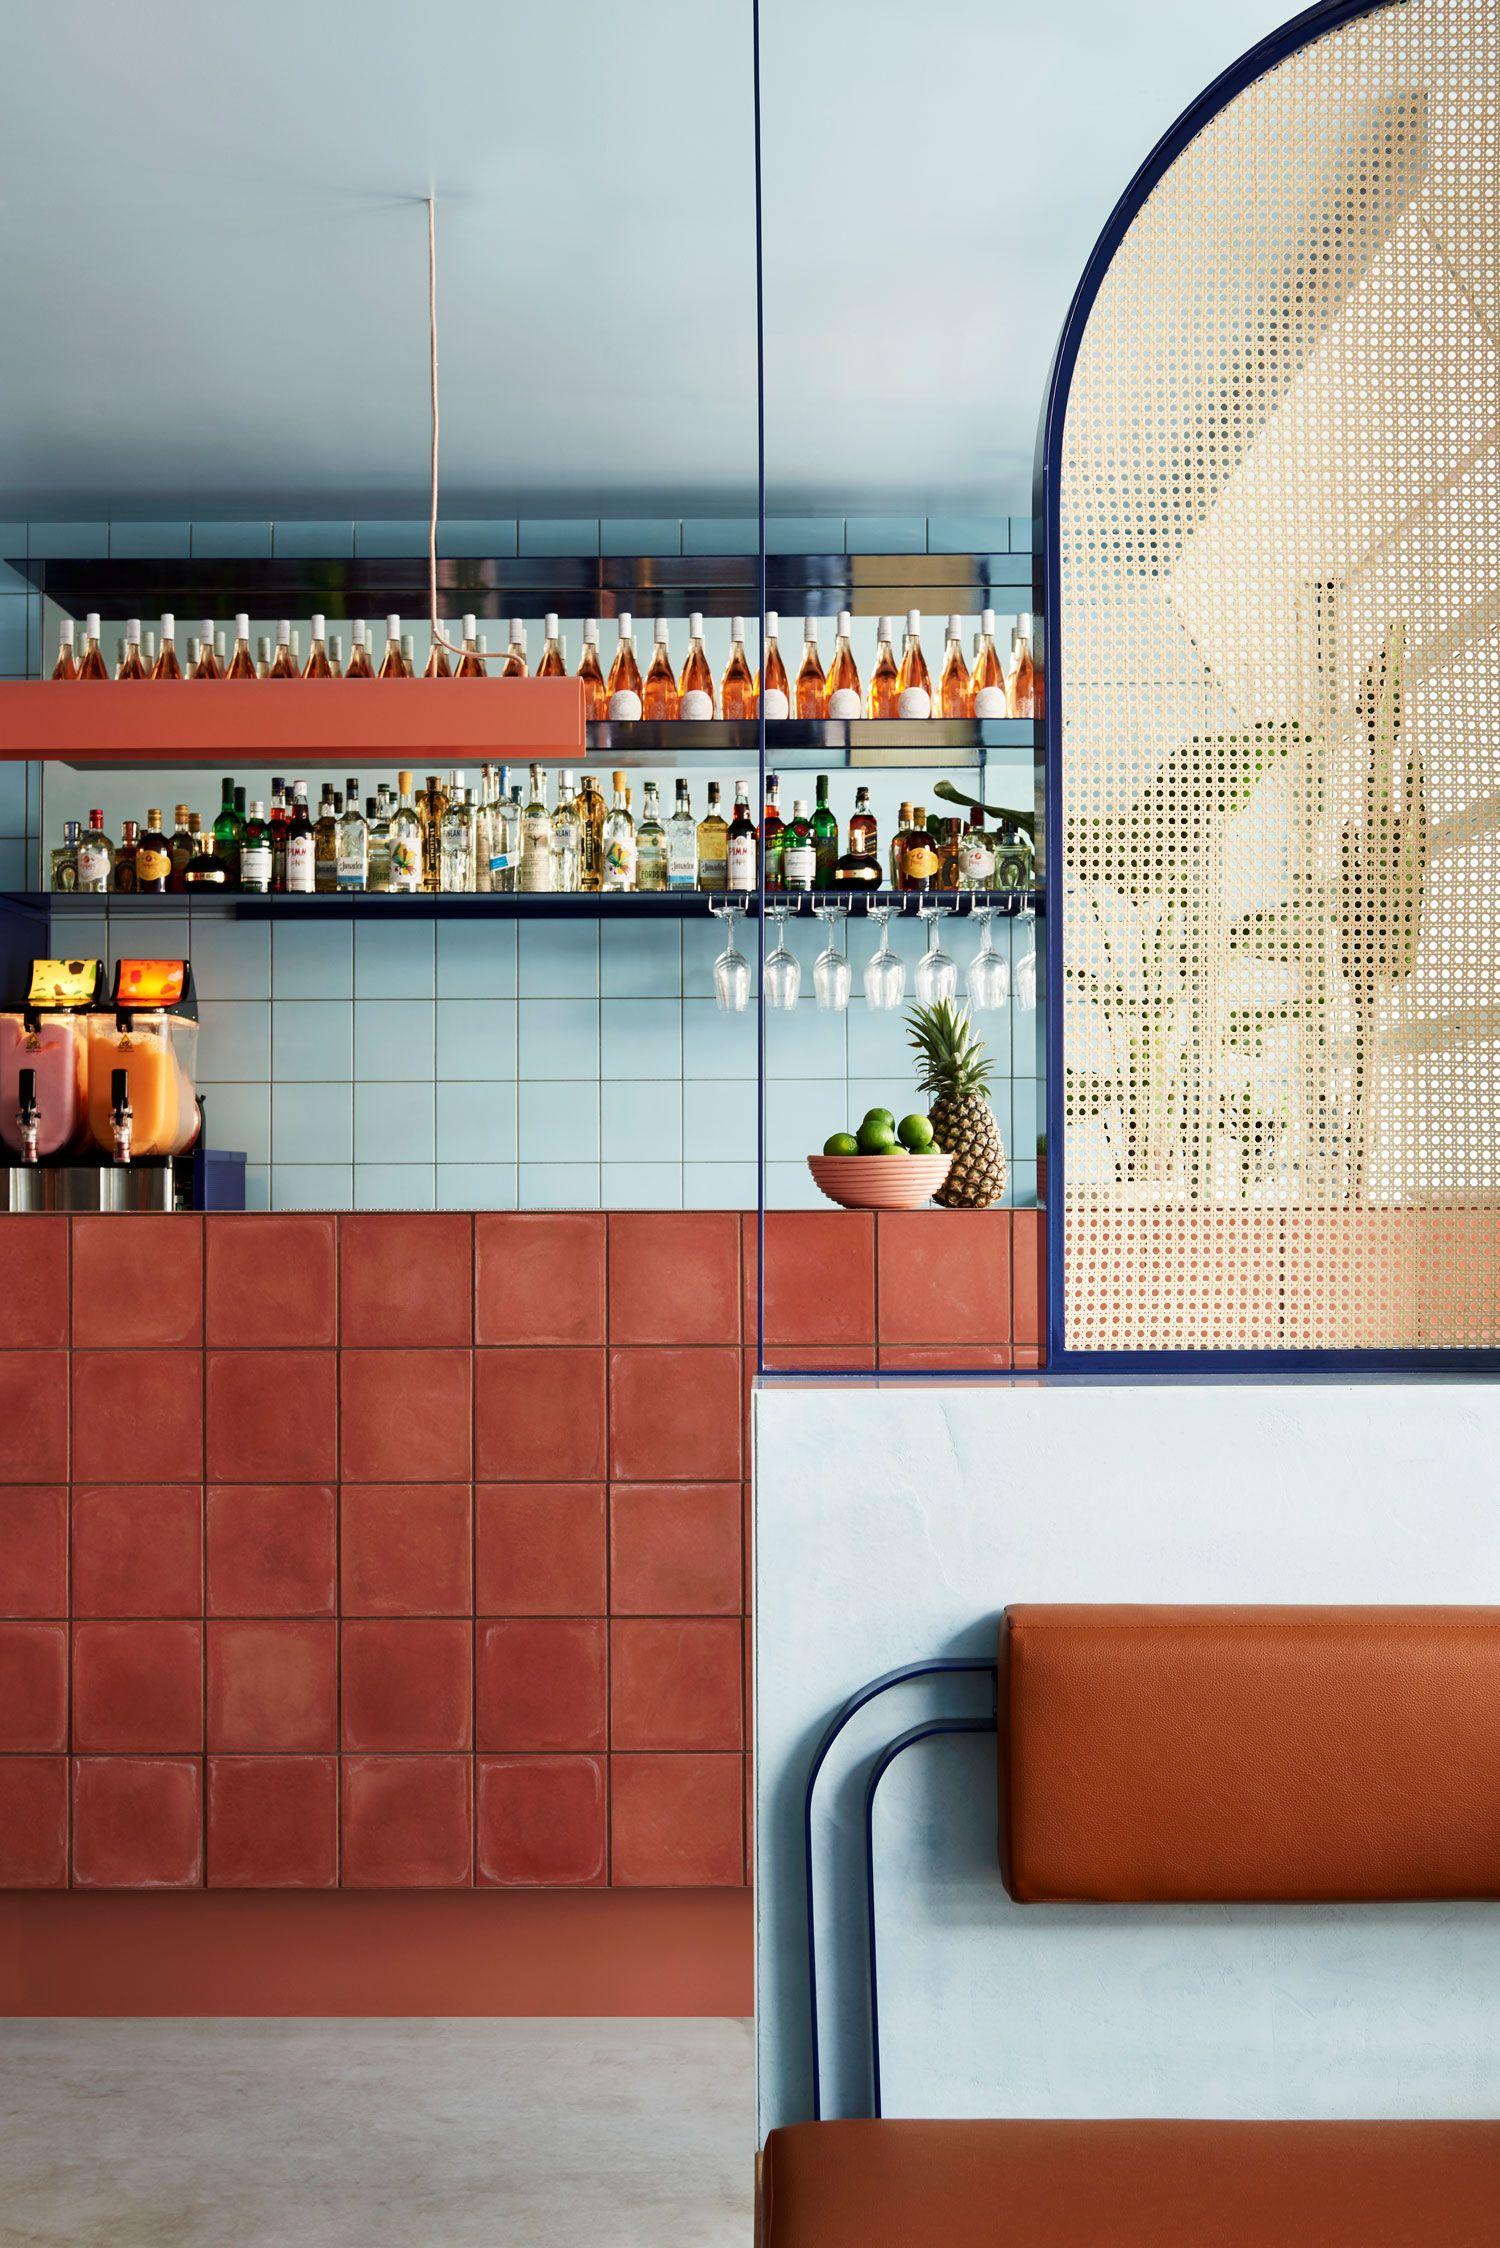 Studio Esteta Designs Interior of Fonda Bondi | Mexican street food ...